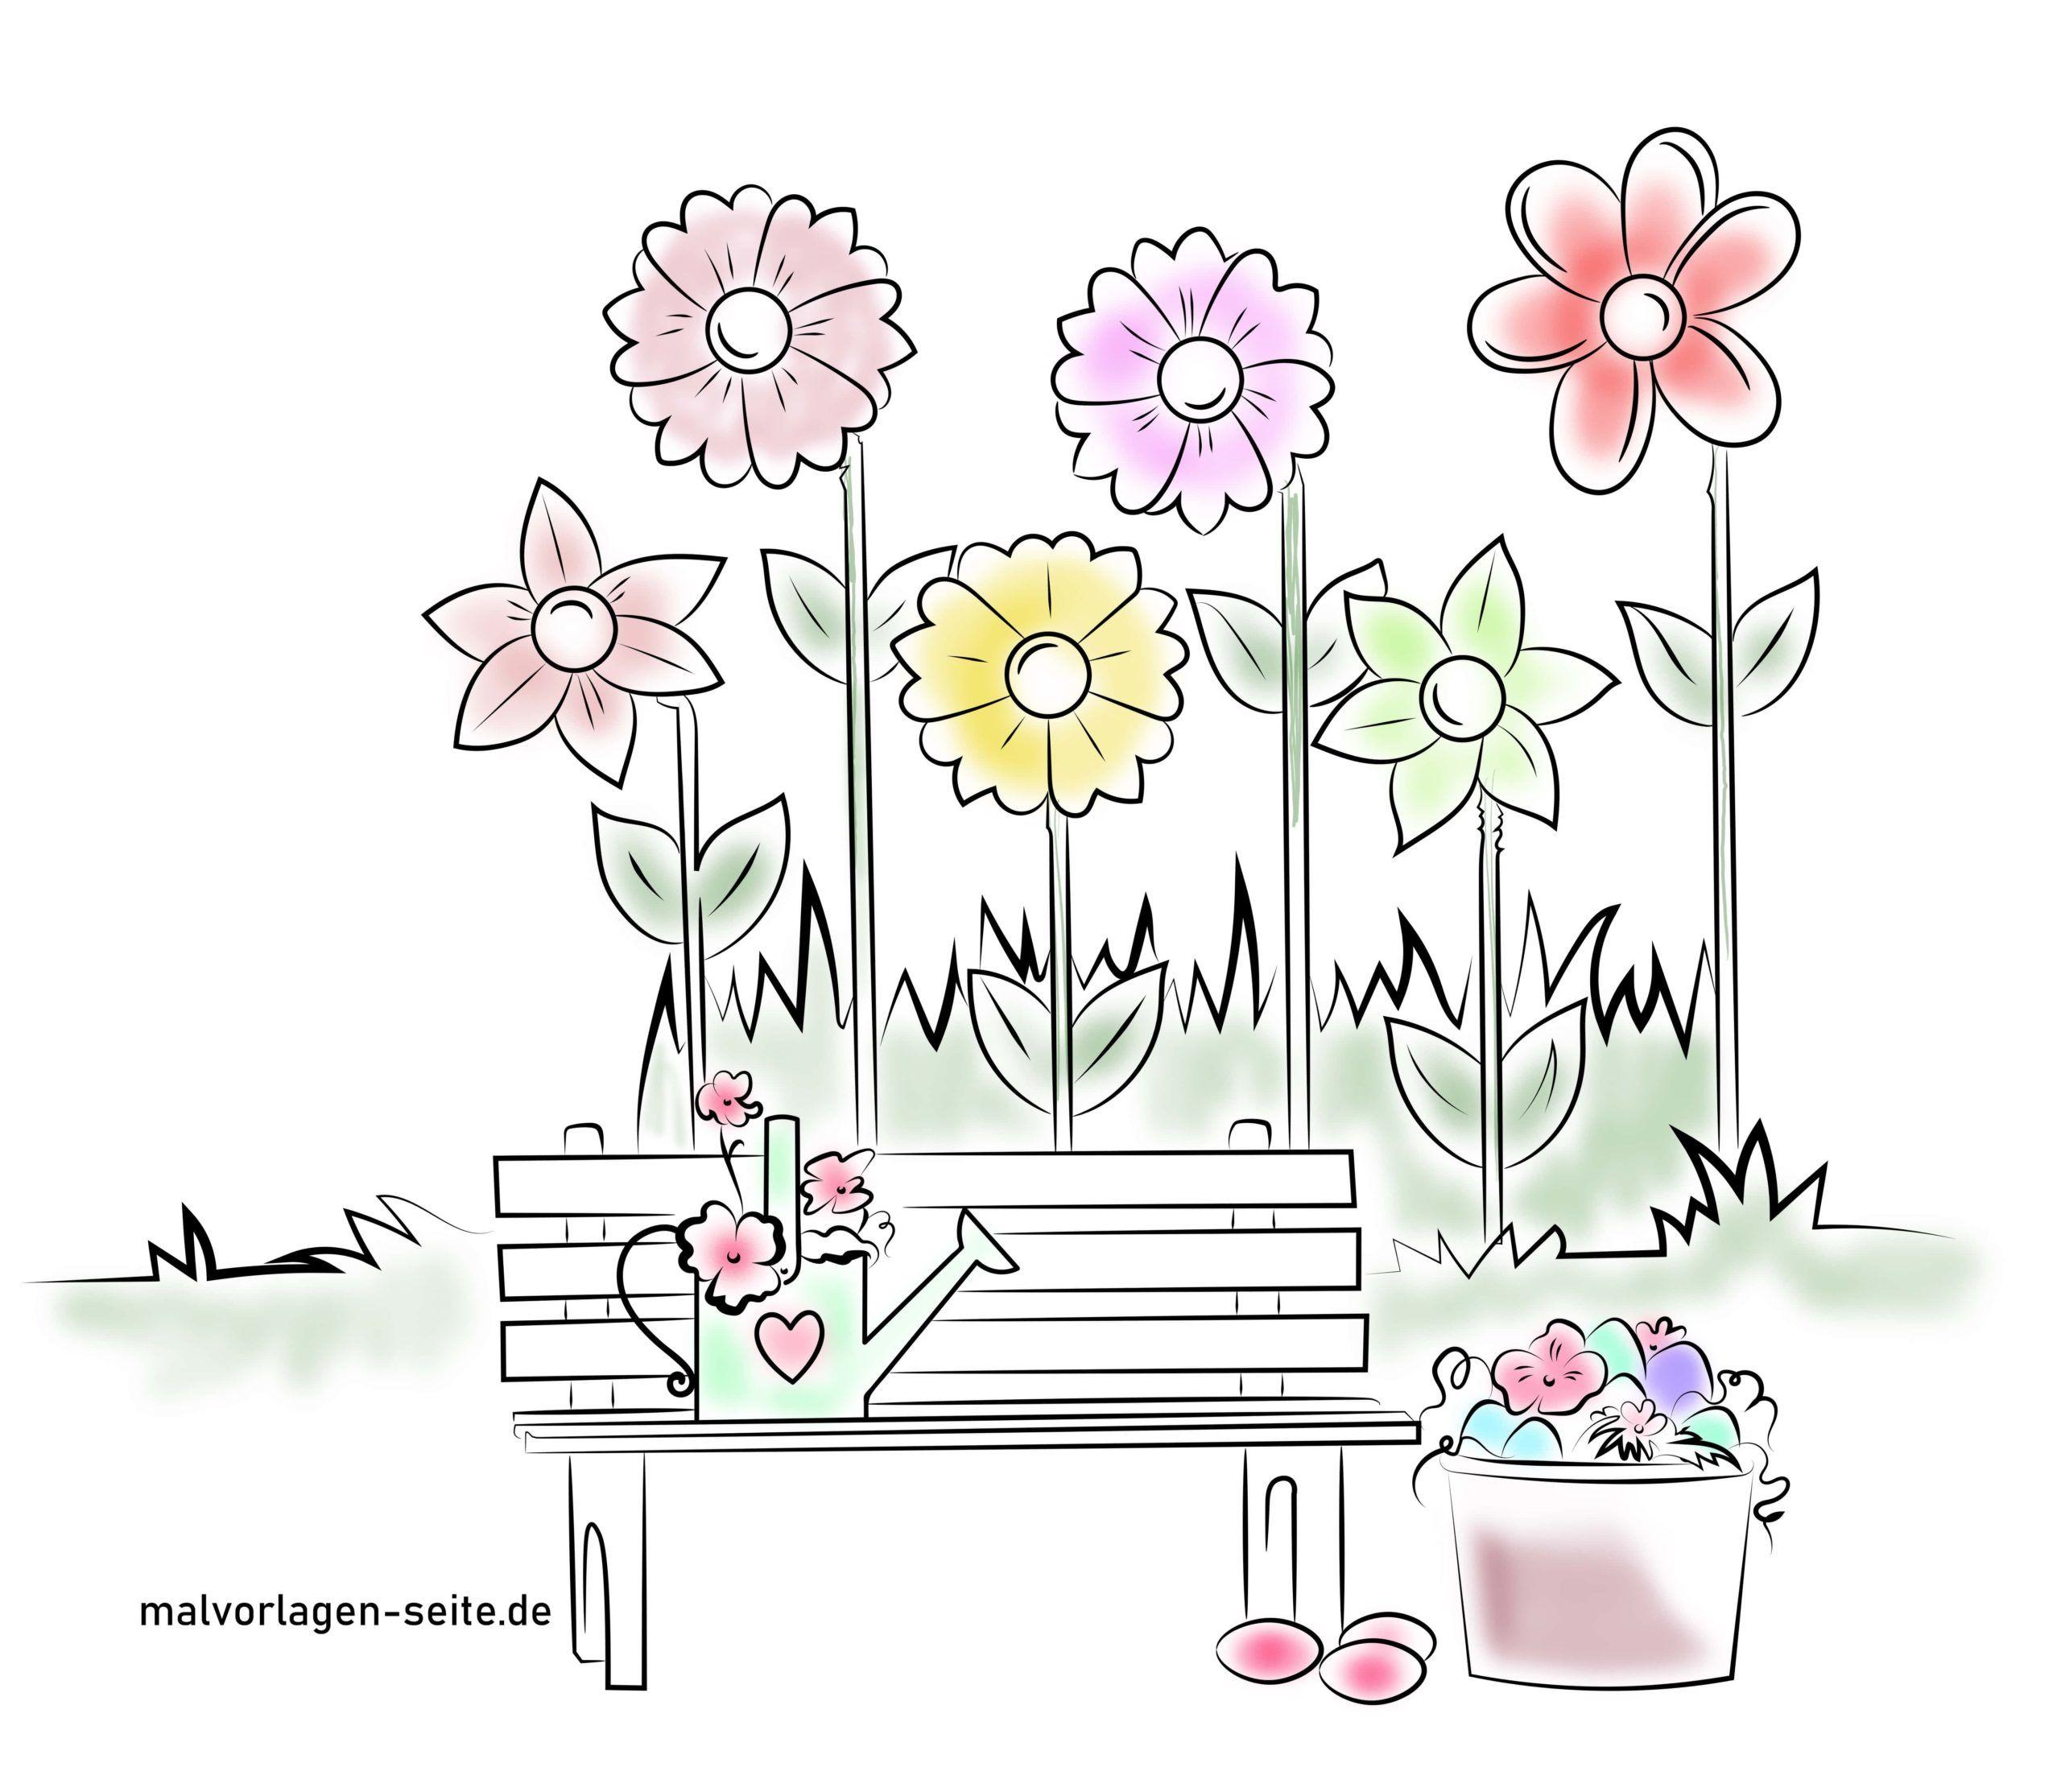 Fensterbilder Vorlage Frühling - Ausmalbilder Kostenlos verwandt mit Frühlingsblumen Fensterbilder Vorlagen